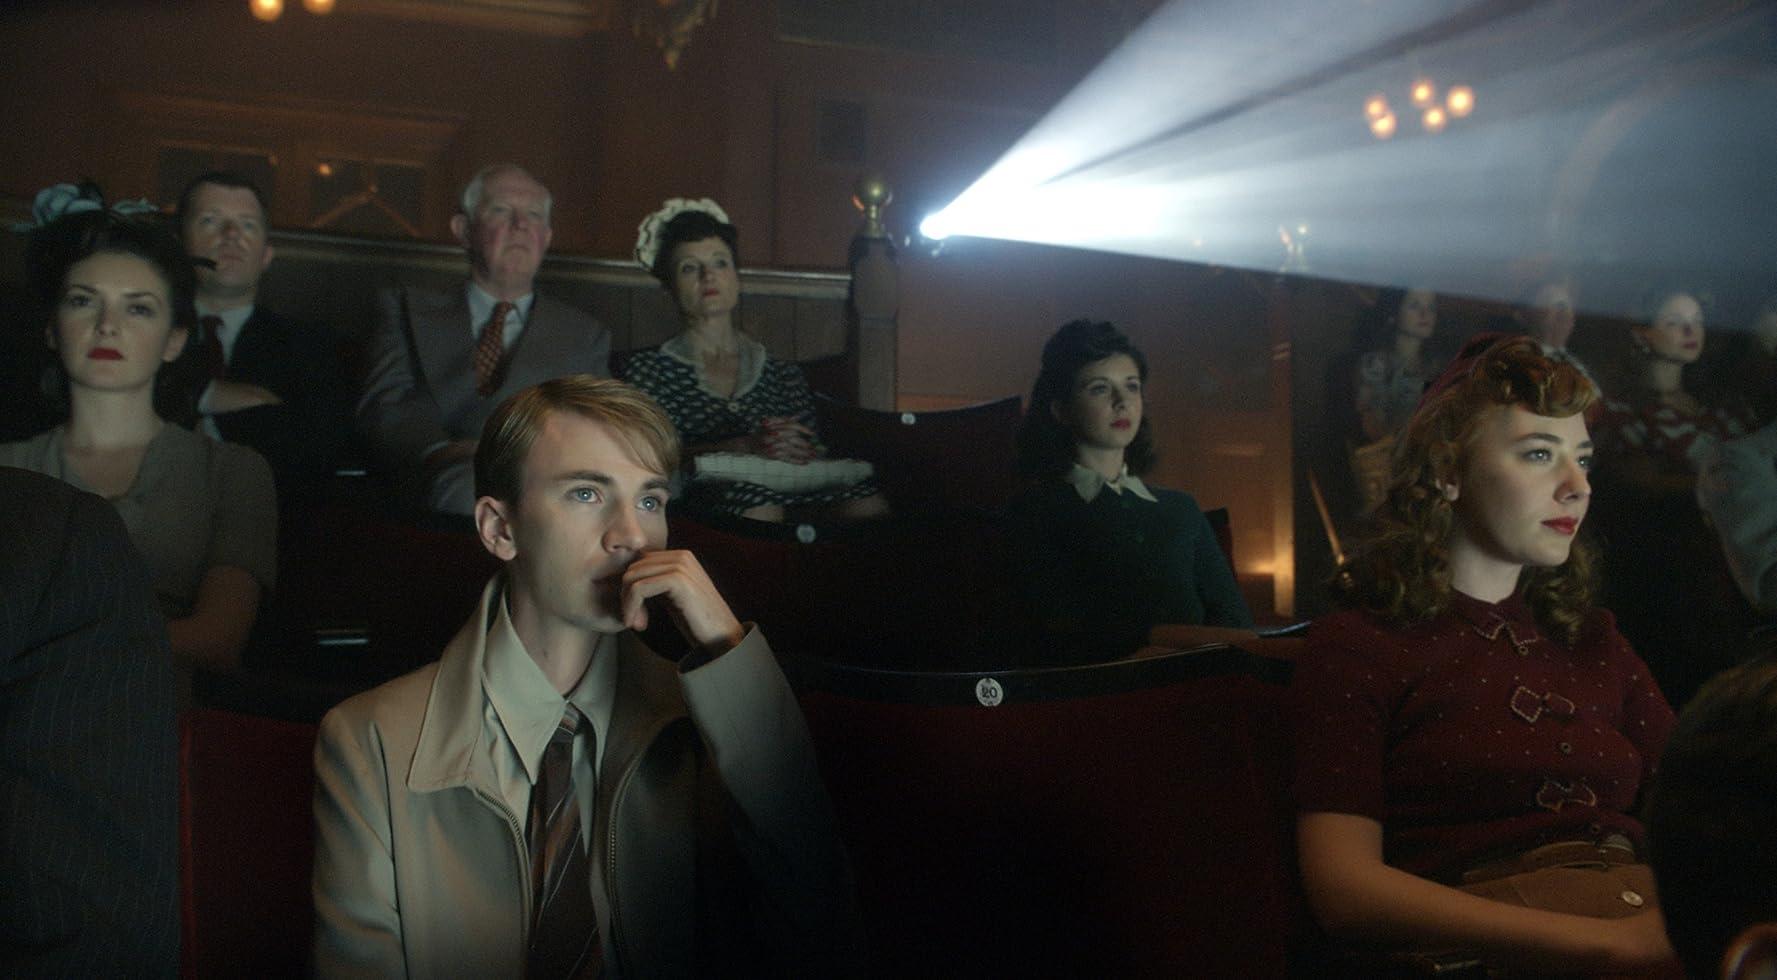 Kaptan Amerika: ilk Yenilmez | TR Dublaj 1080p Ekran Görüntüsü 2